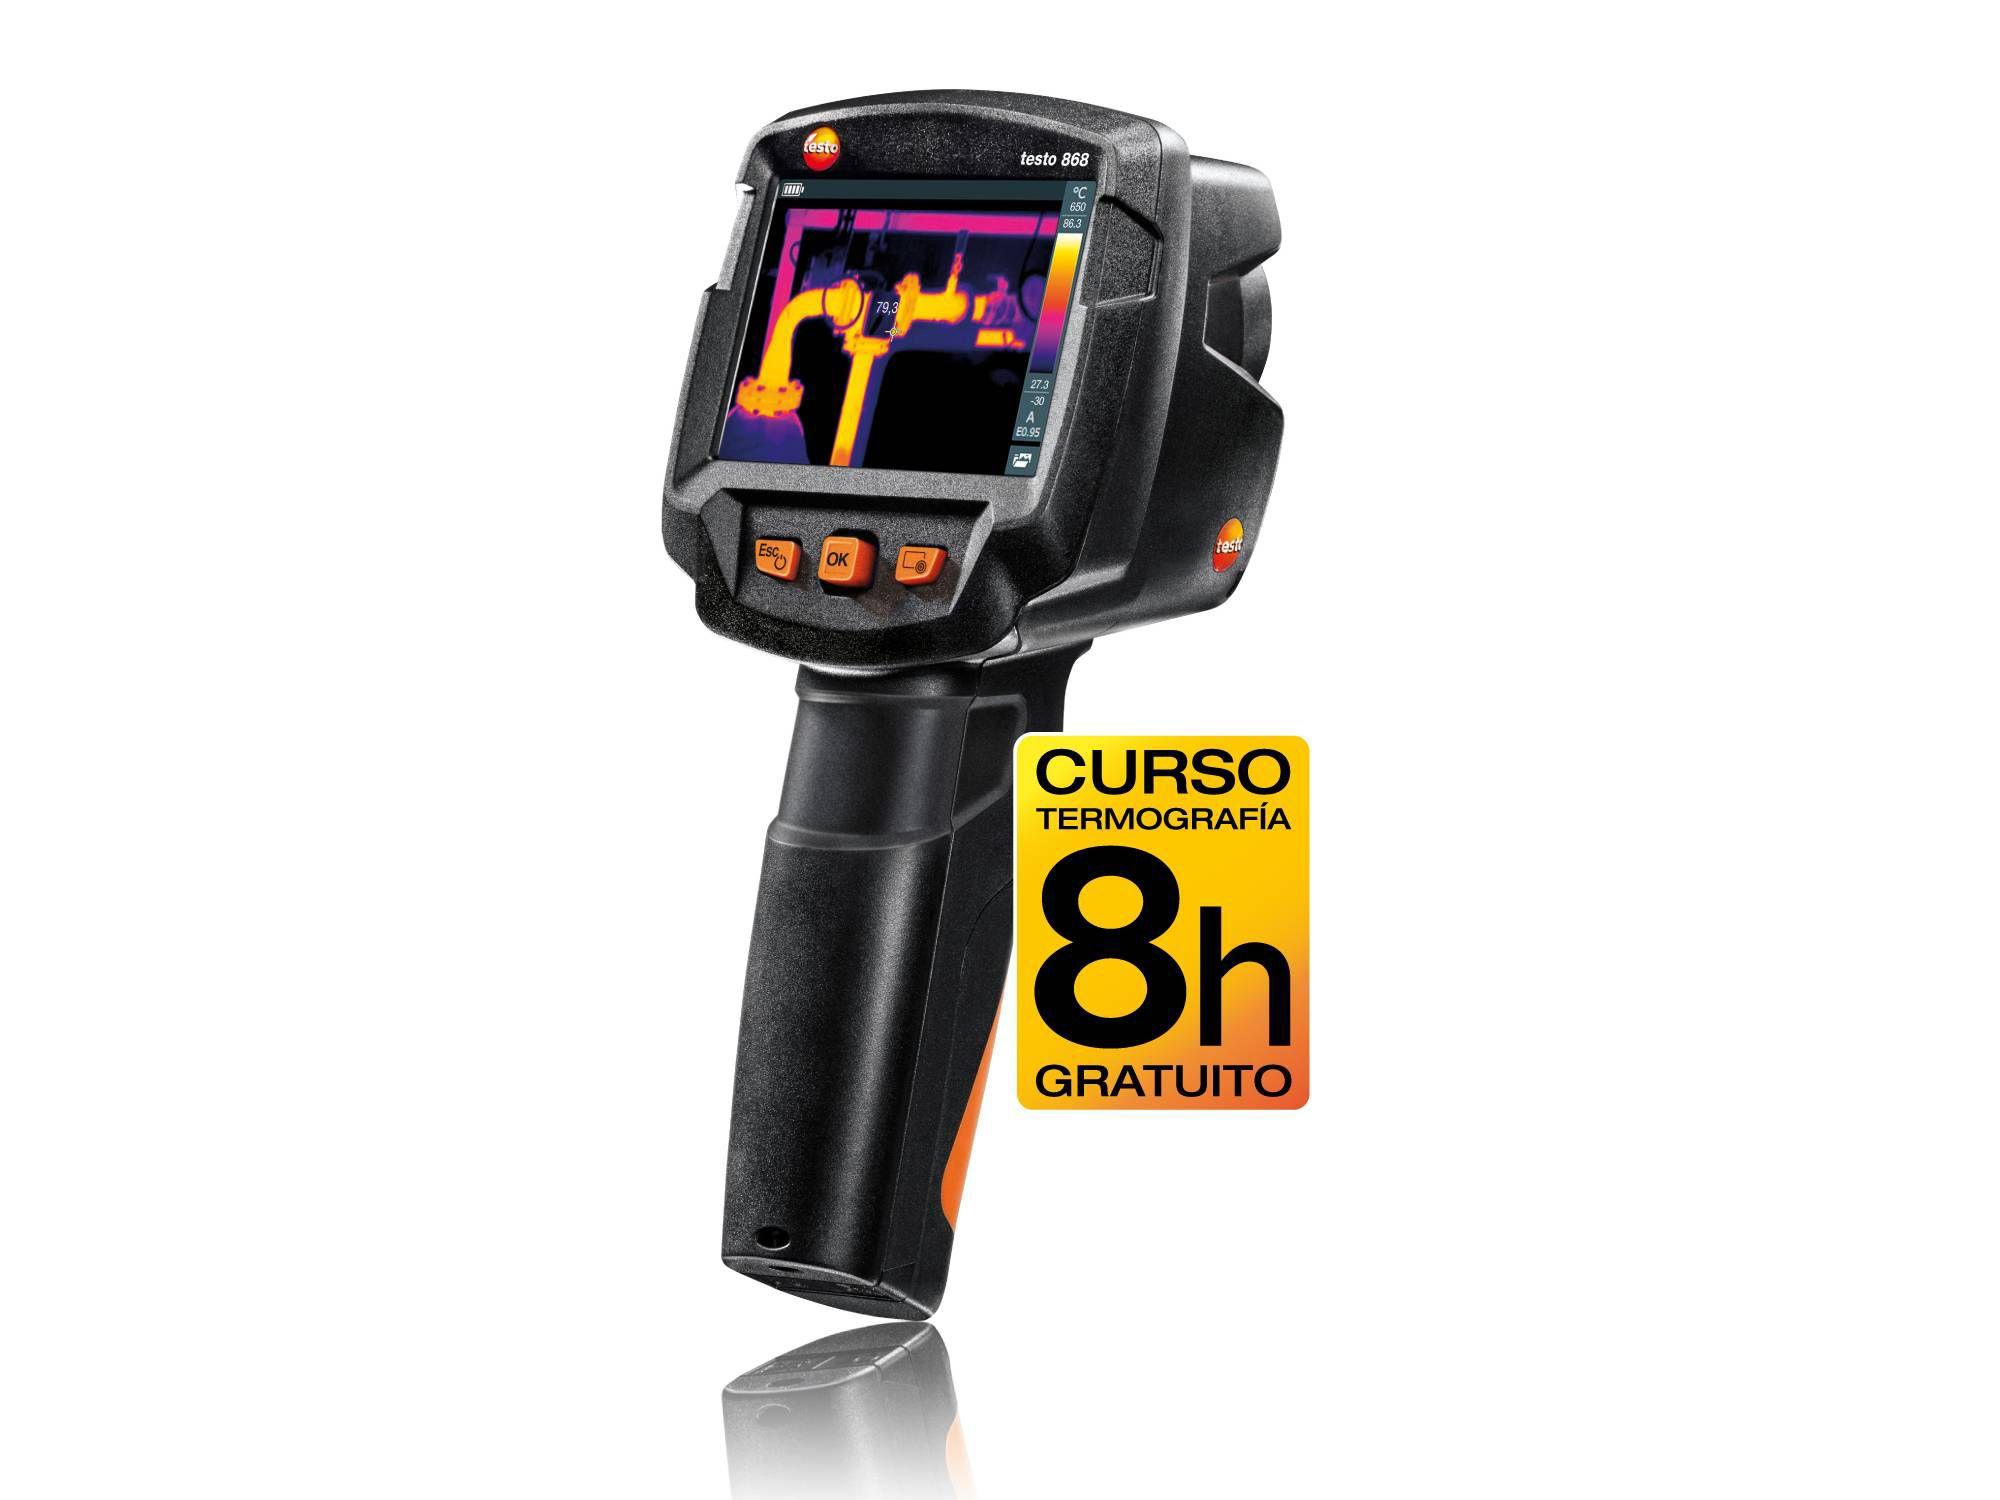 TI-Promo-testo-868-2000x1500px-ES.jpg